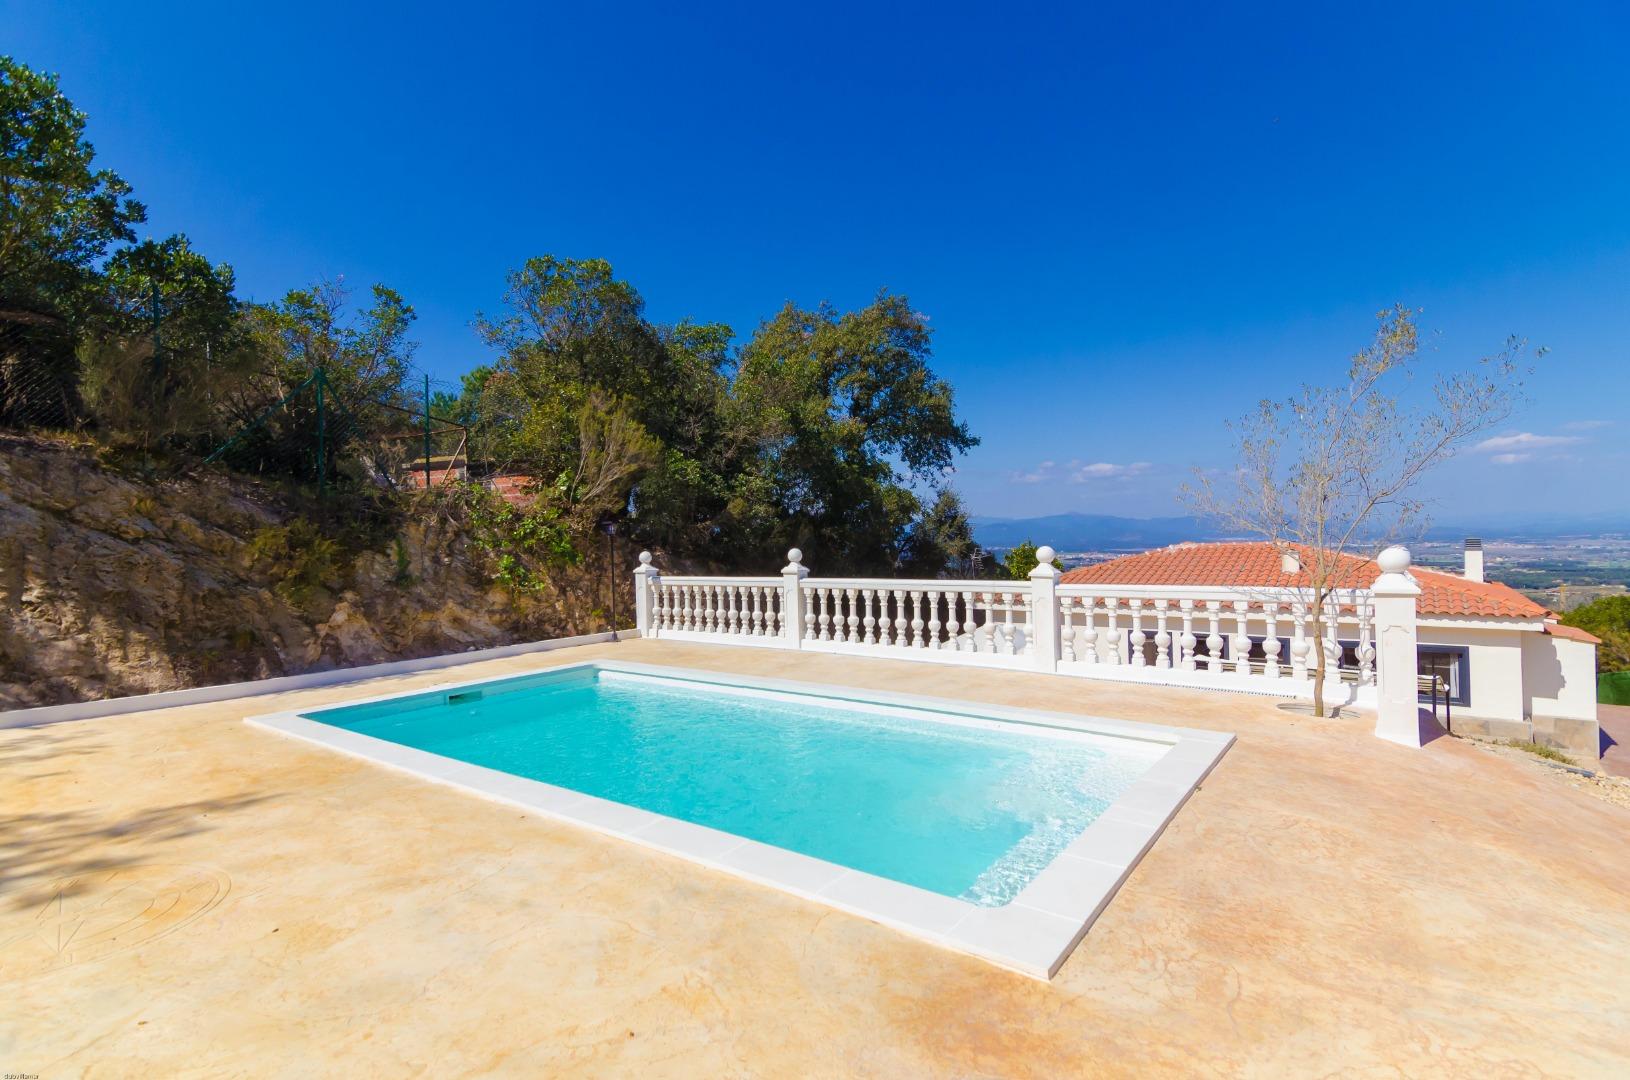 Villa Chaulet,Macanet de la selva,Costa Brava #2